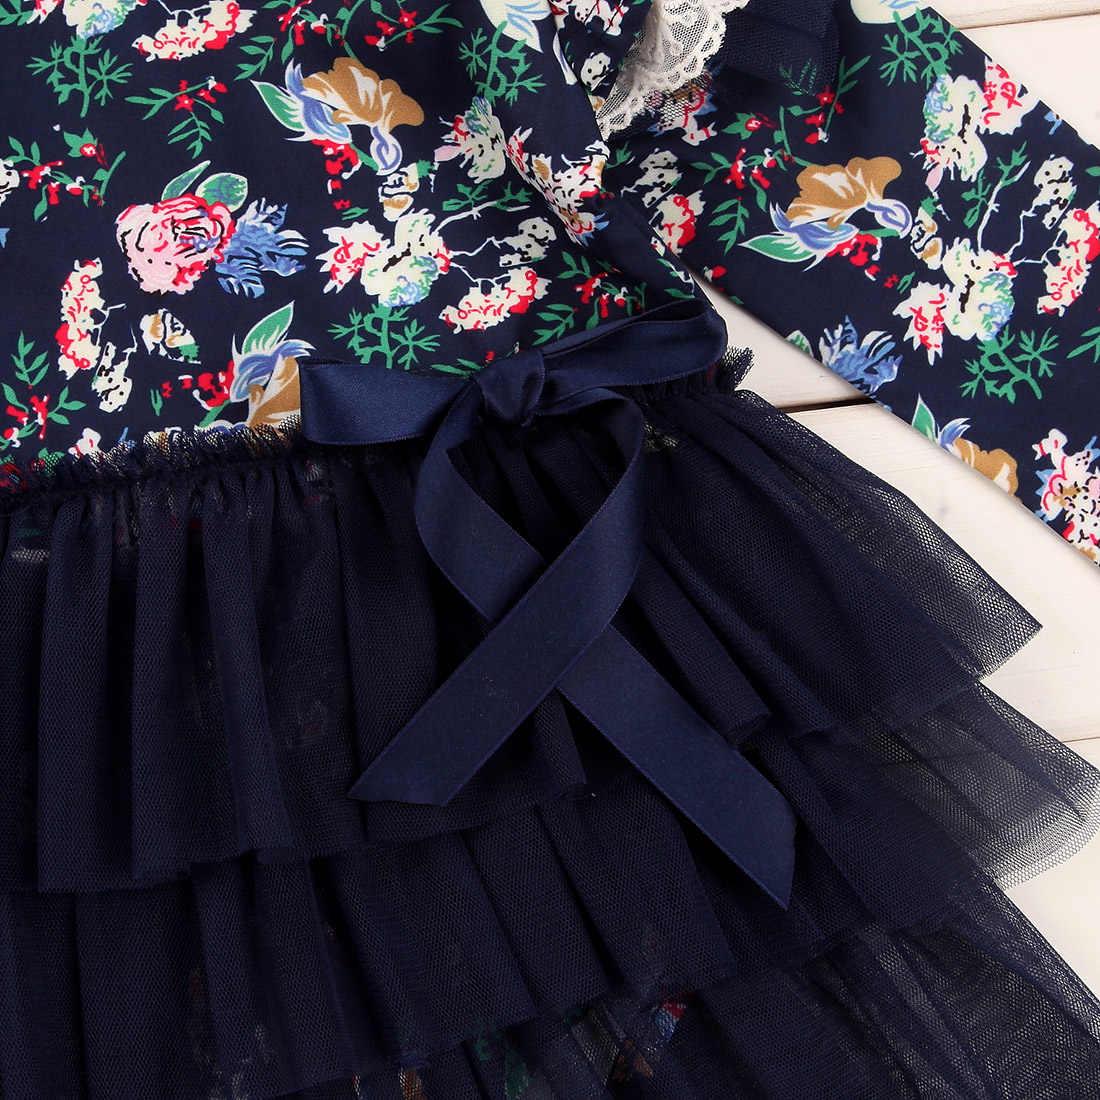 Платья для маленьких девочек; комбинезон с длинными рукавами и цветочным принтом для новорожденных; комбинезон для девочек; платье-пачка; одежда для детей